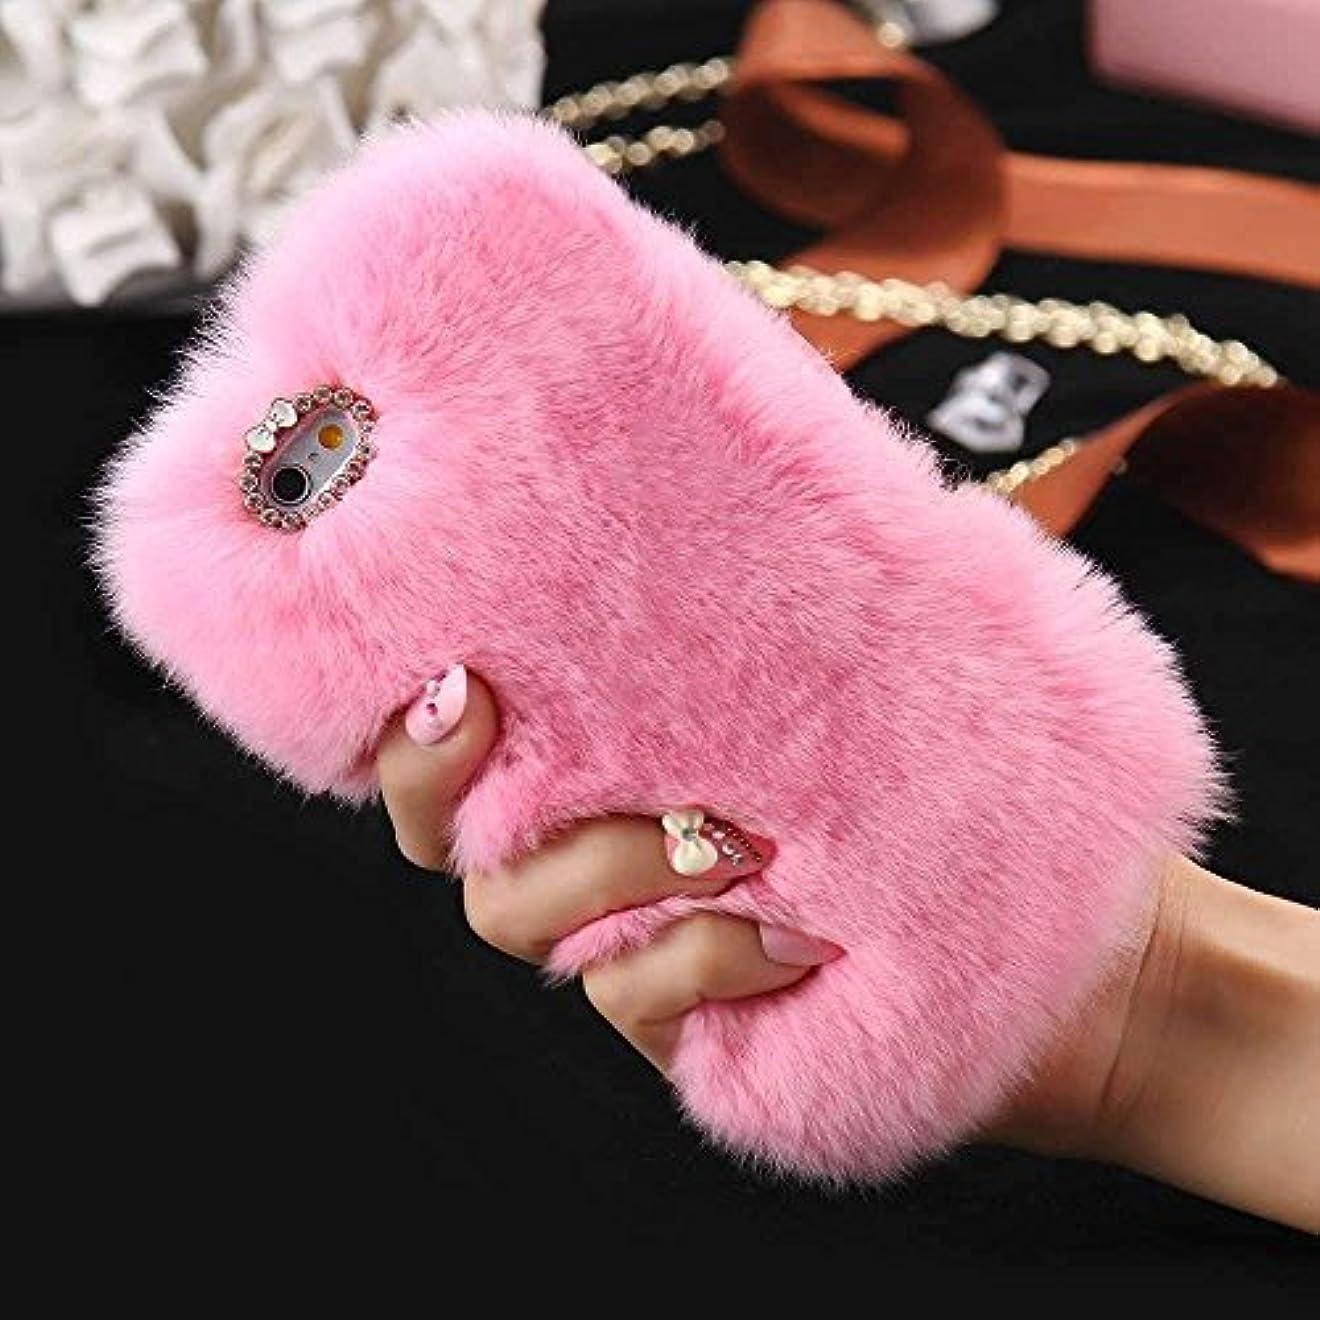 メガロポリス広告主エイズiPhone 7 ケース おしゃれ INorton 保護カバー 耐衝撃 軽量 薄型 女の子 かわいい 冬に最適 iPhone 7対応